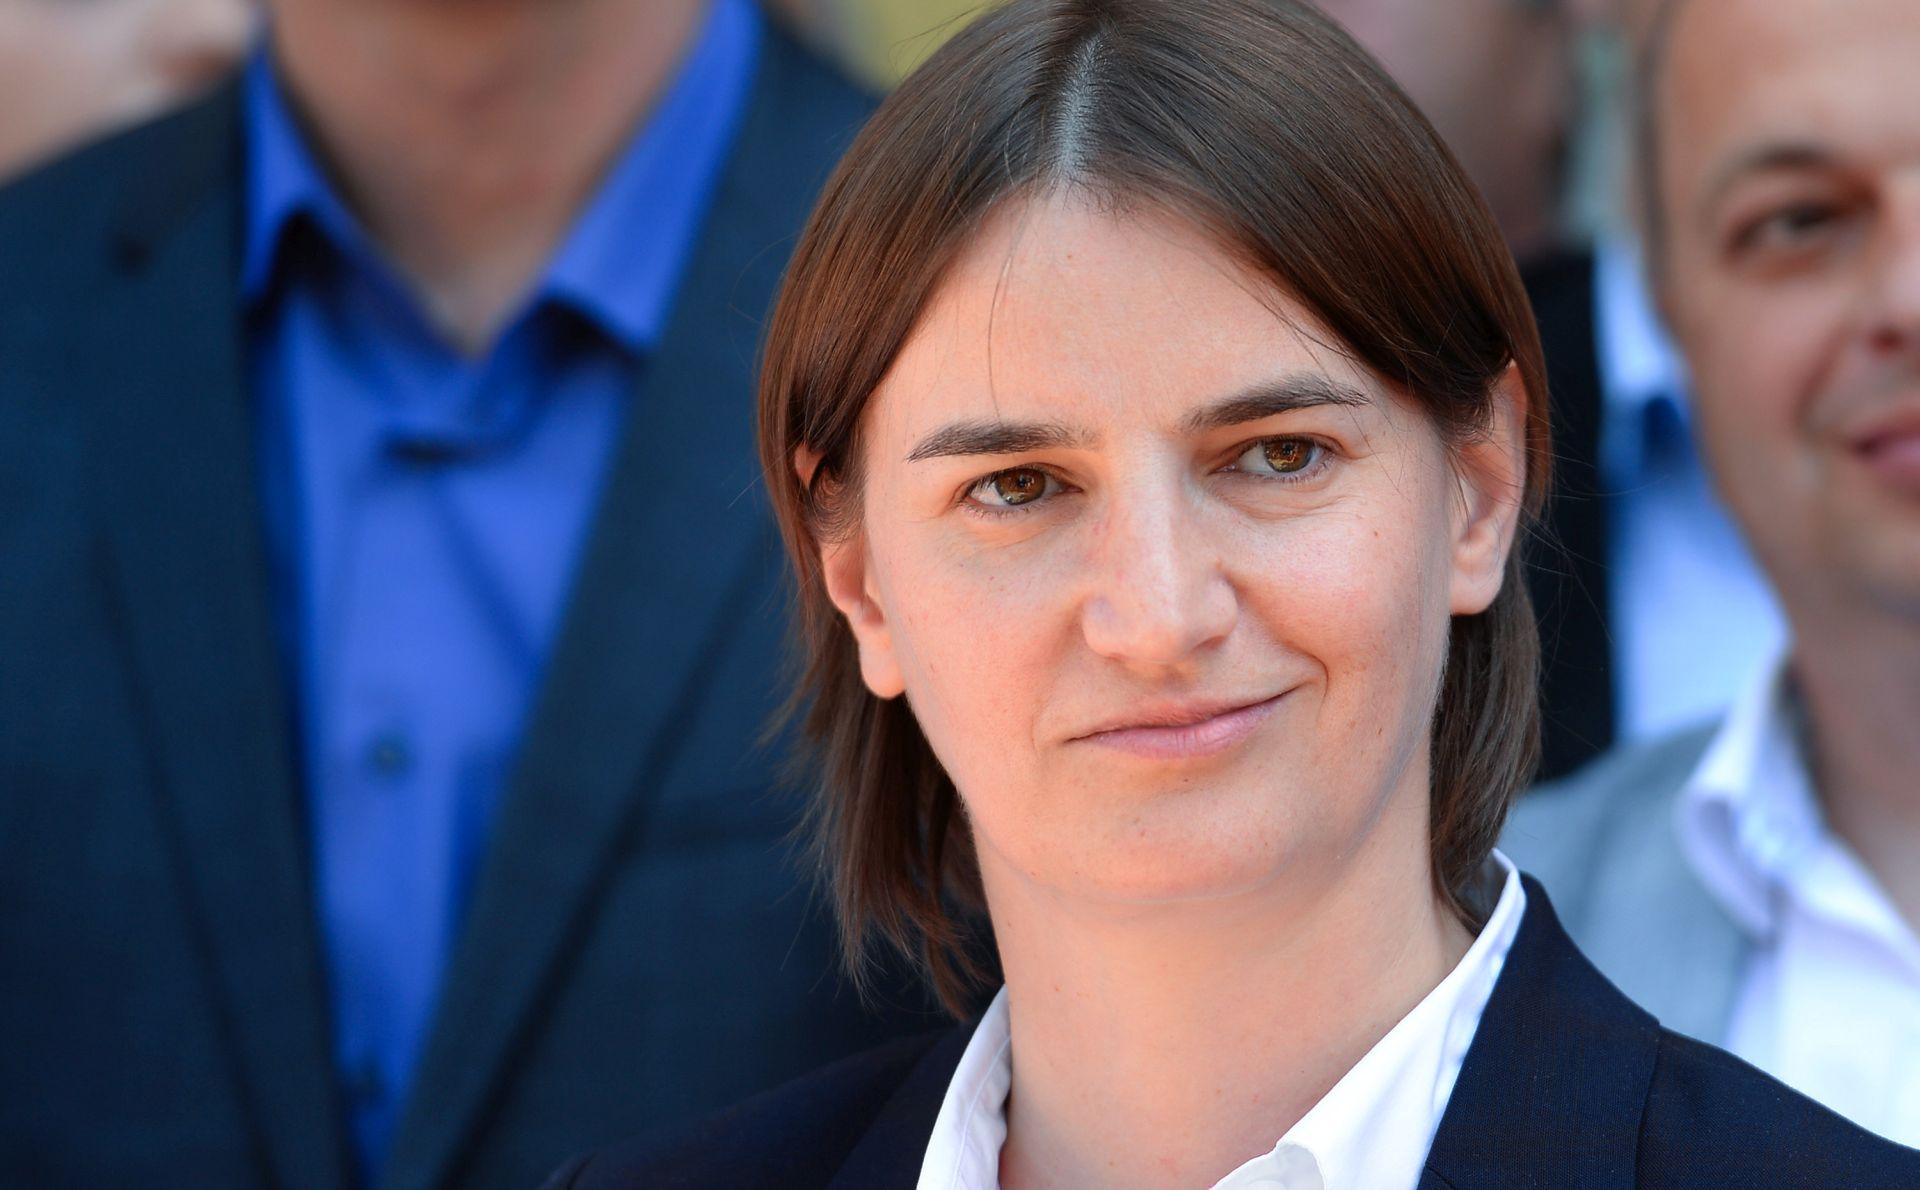 Moskva se uvjerila da je izjava Brnabić o Rusiji i EU pogrešno interpretirana